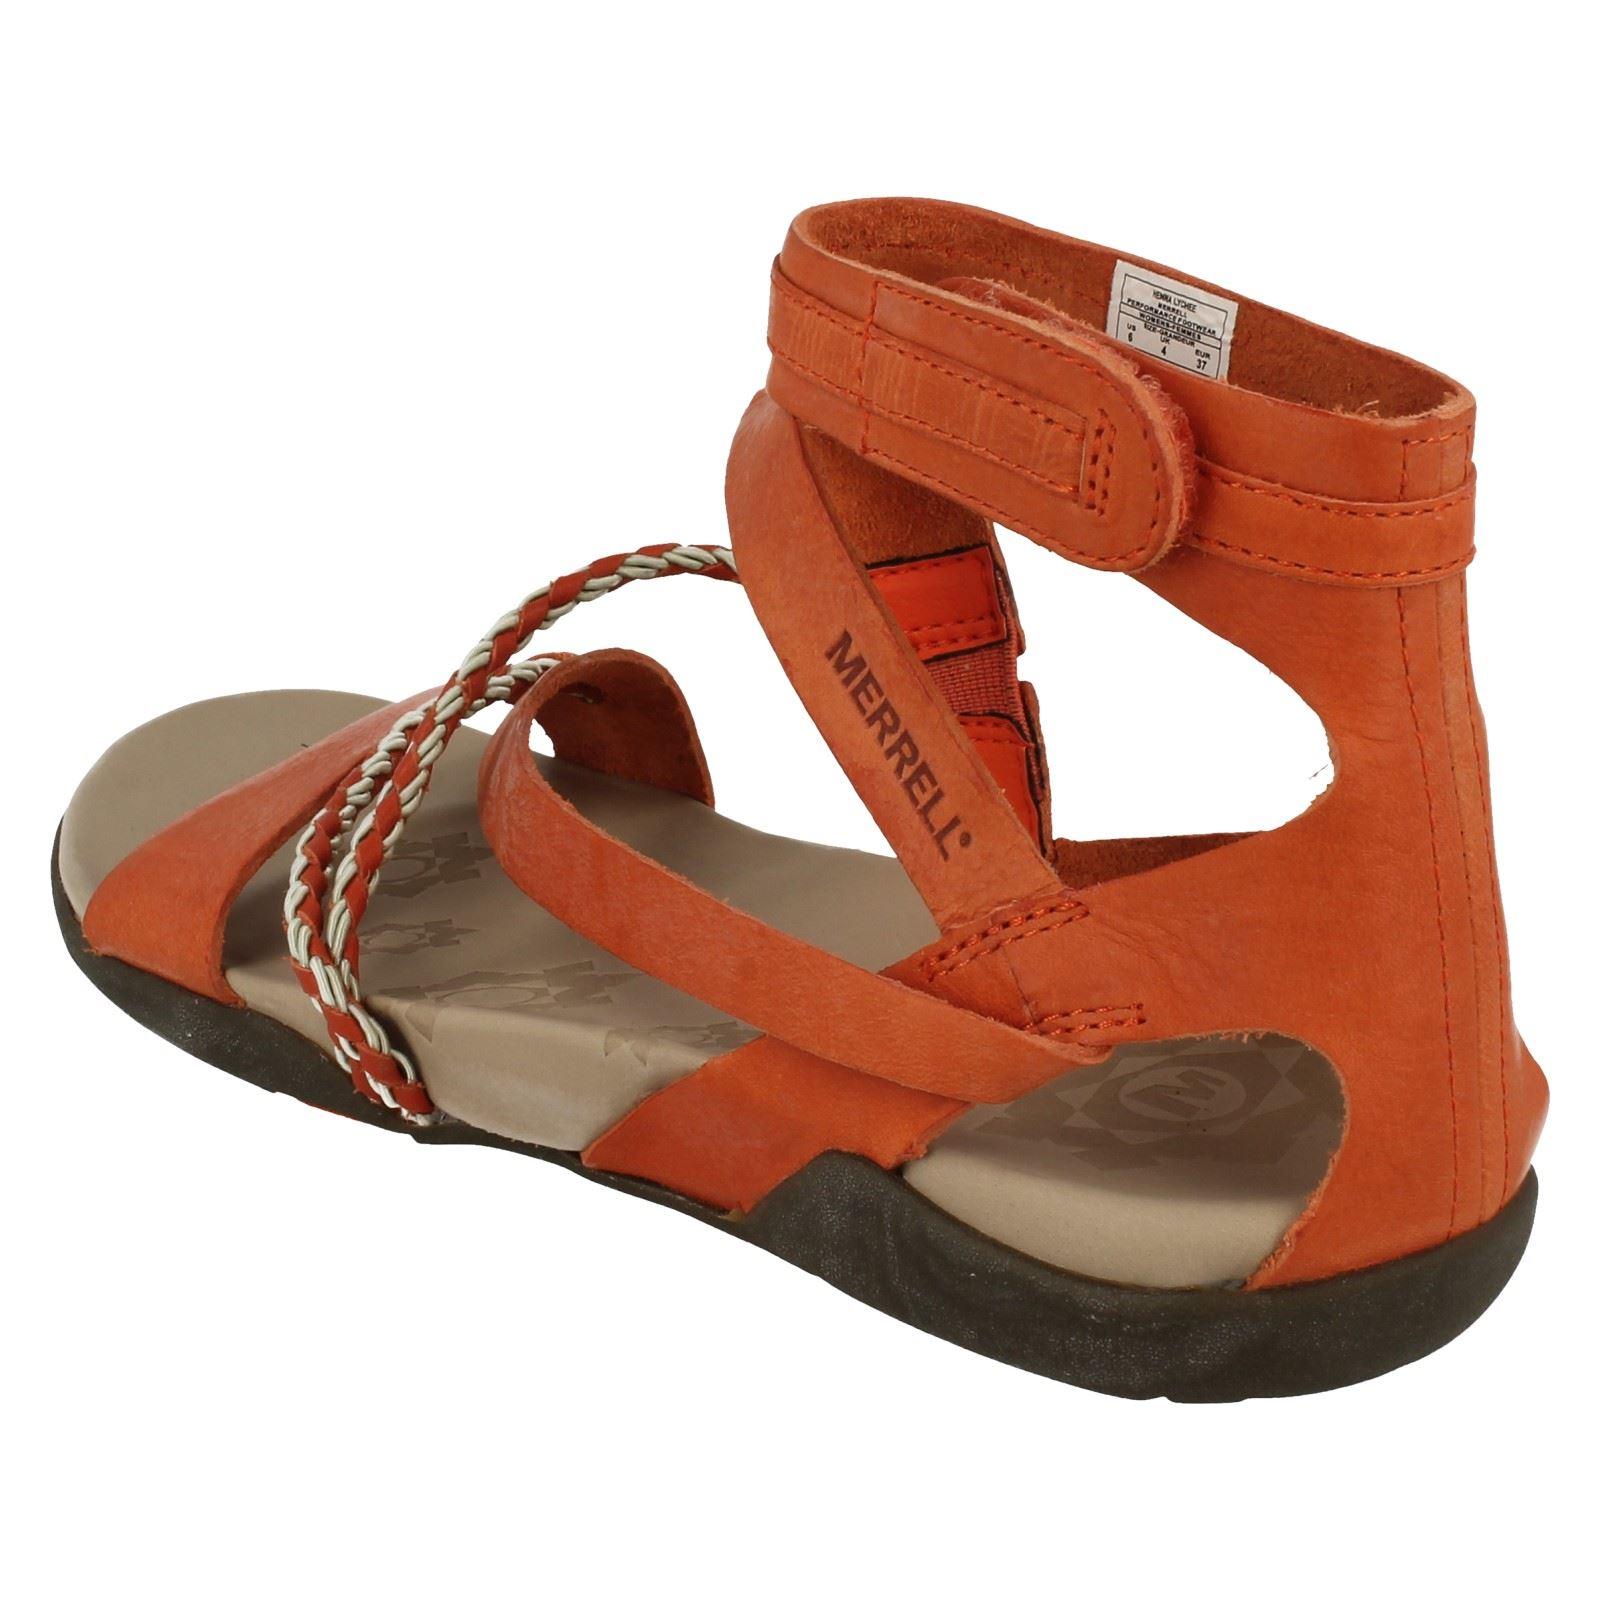 Merrell Ladies Sandals Henna Ebay